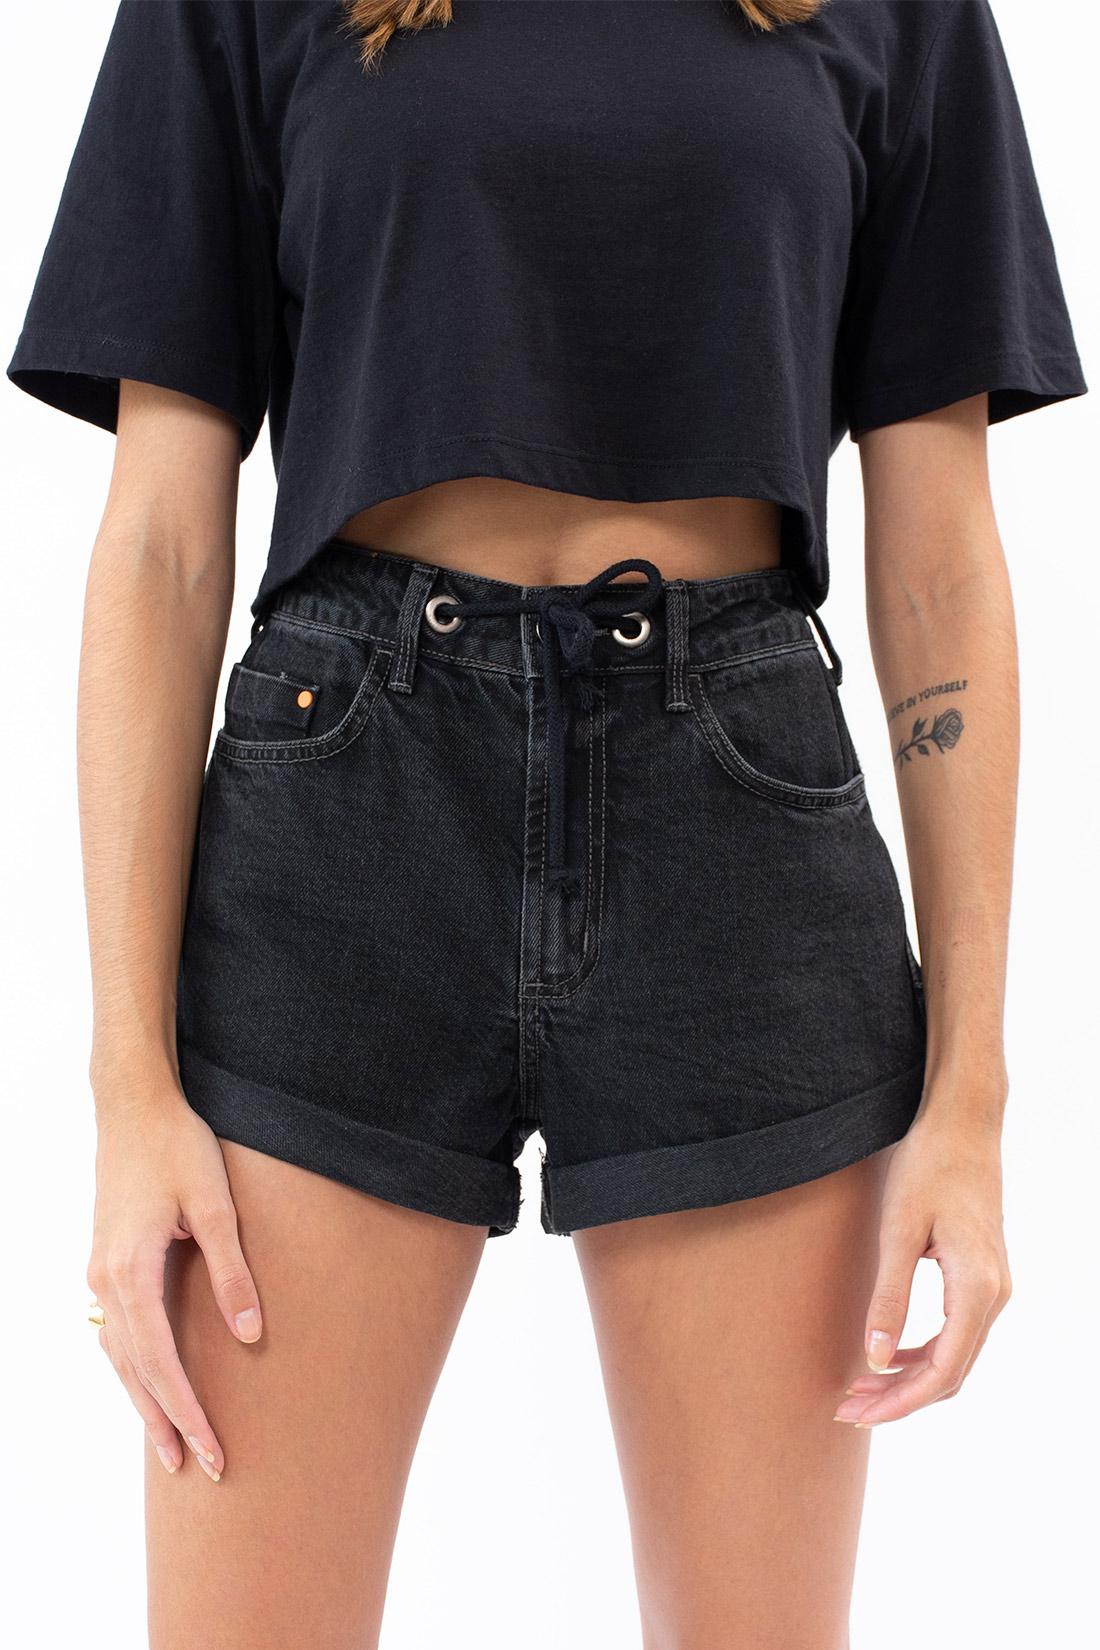 Shorts Sarja Open Ivy Cordao